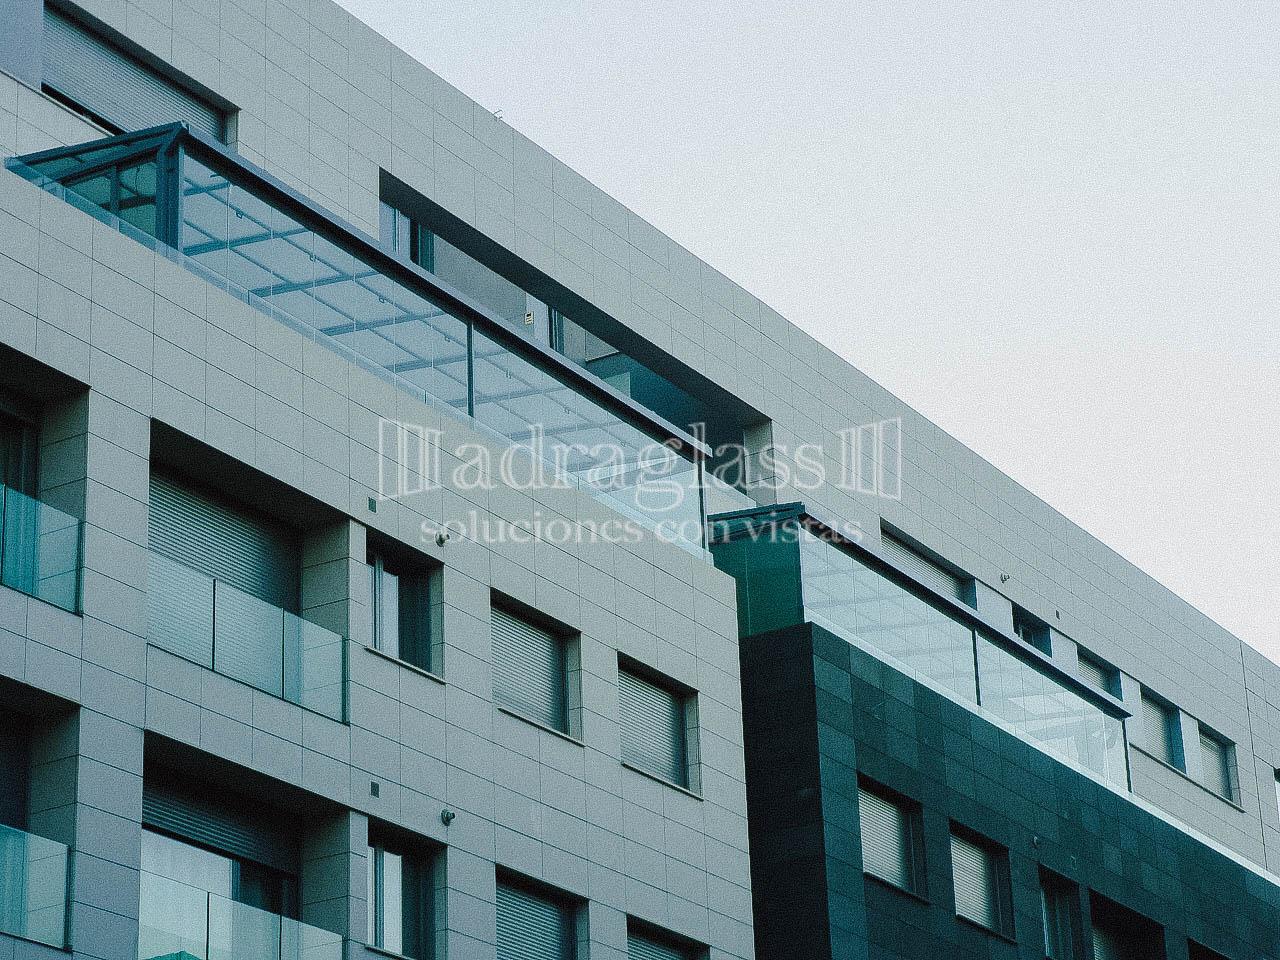 Techos moviles de cristal adraglass soluciones con vistas - Moviles de techo ...